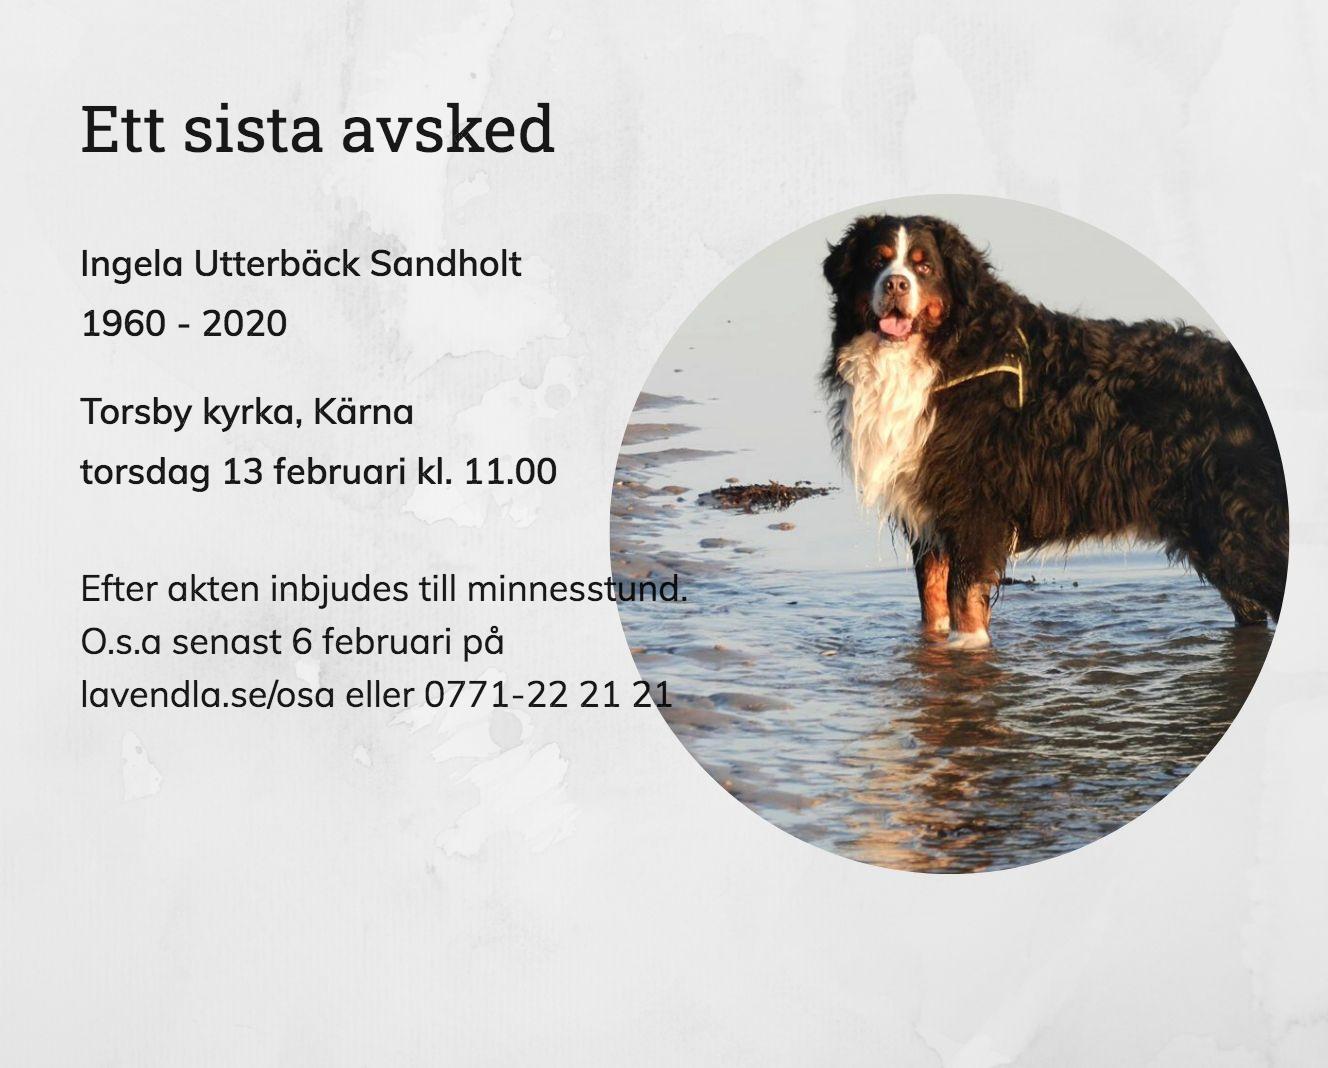 Inbjudningskort till ceremonin för Ingela Utterbäck Sandholt